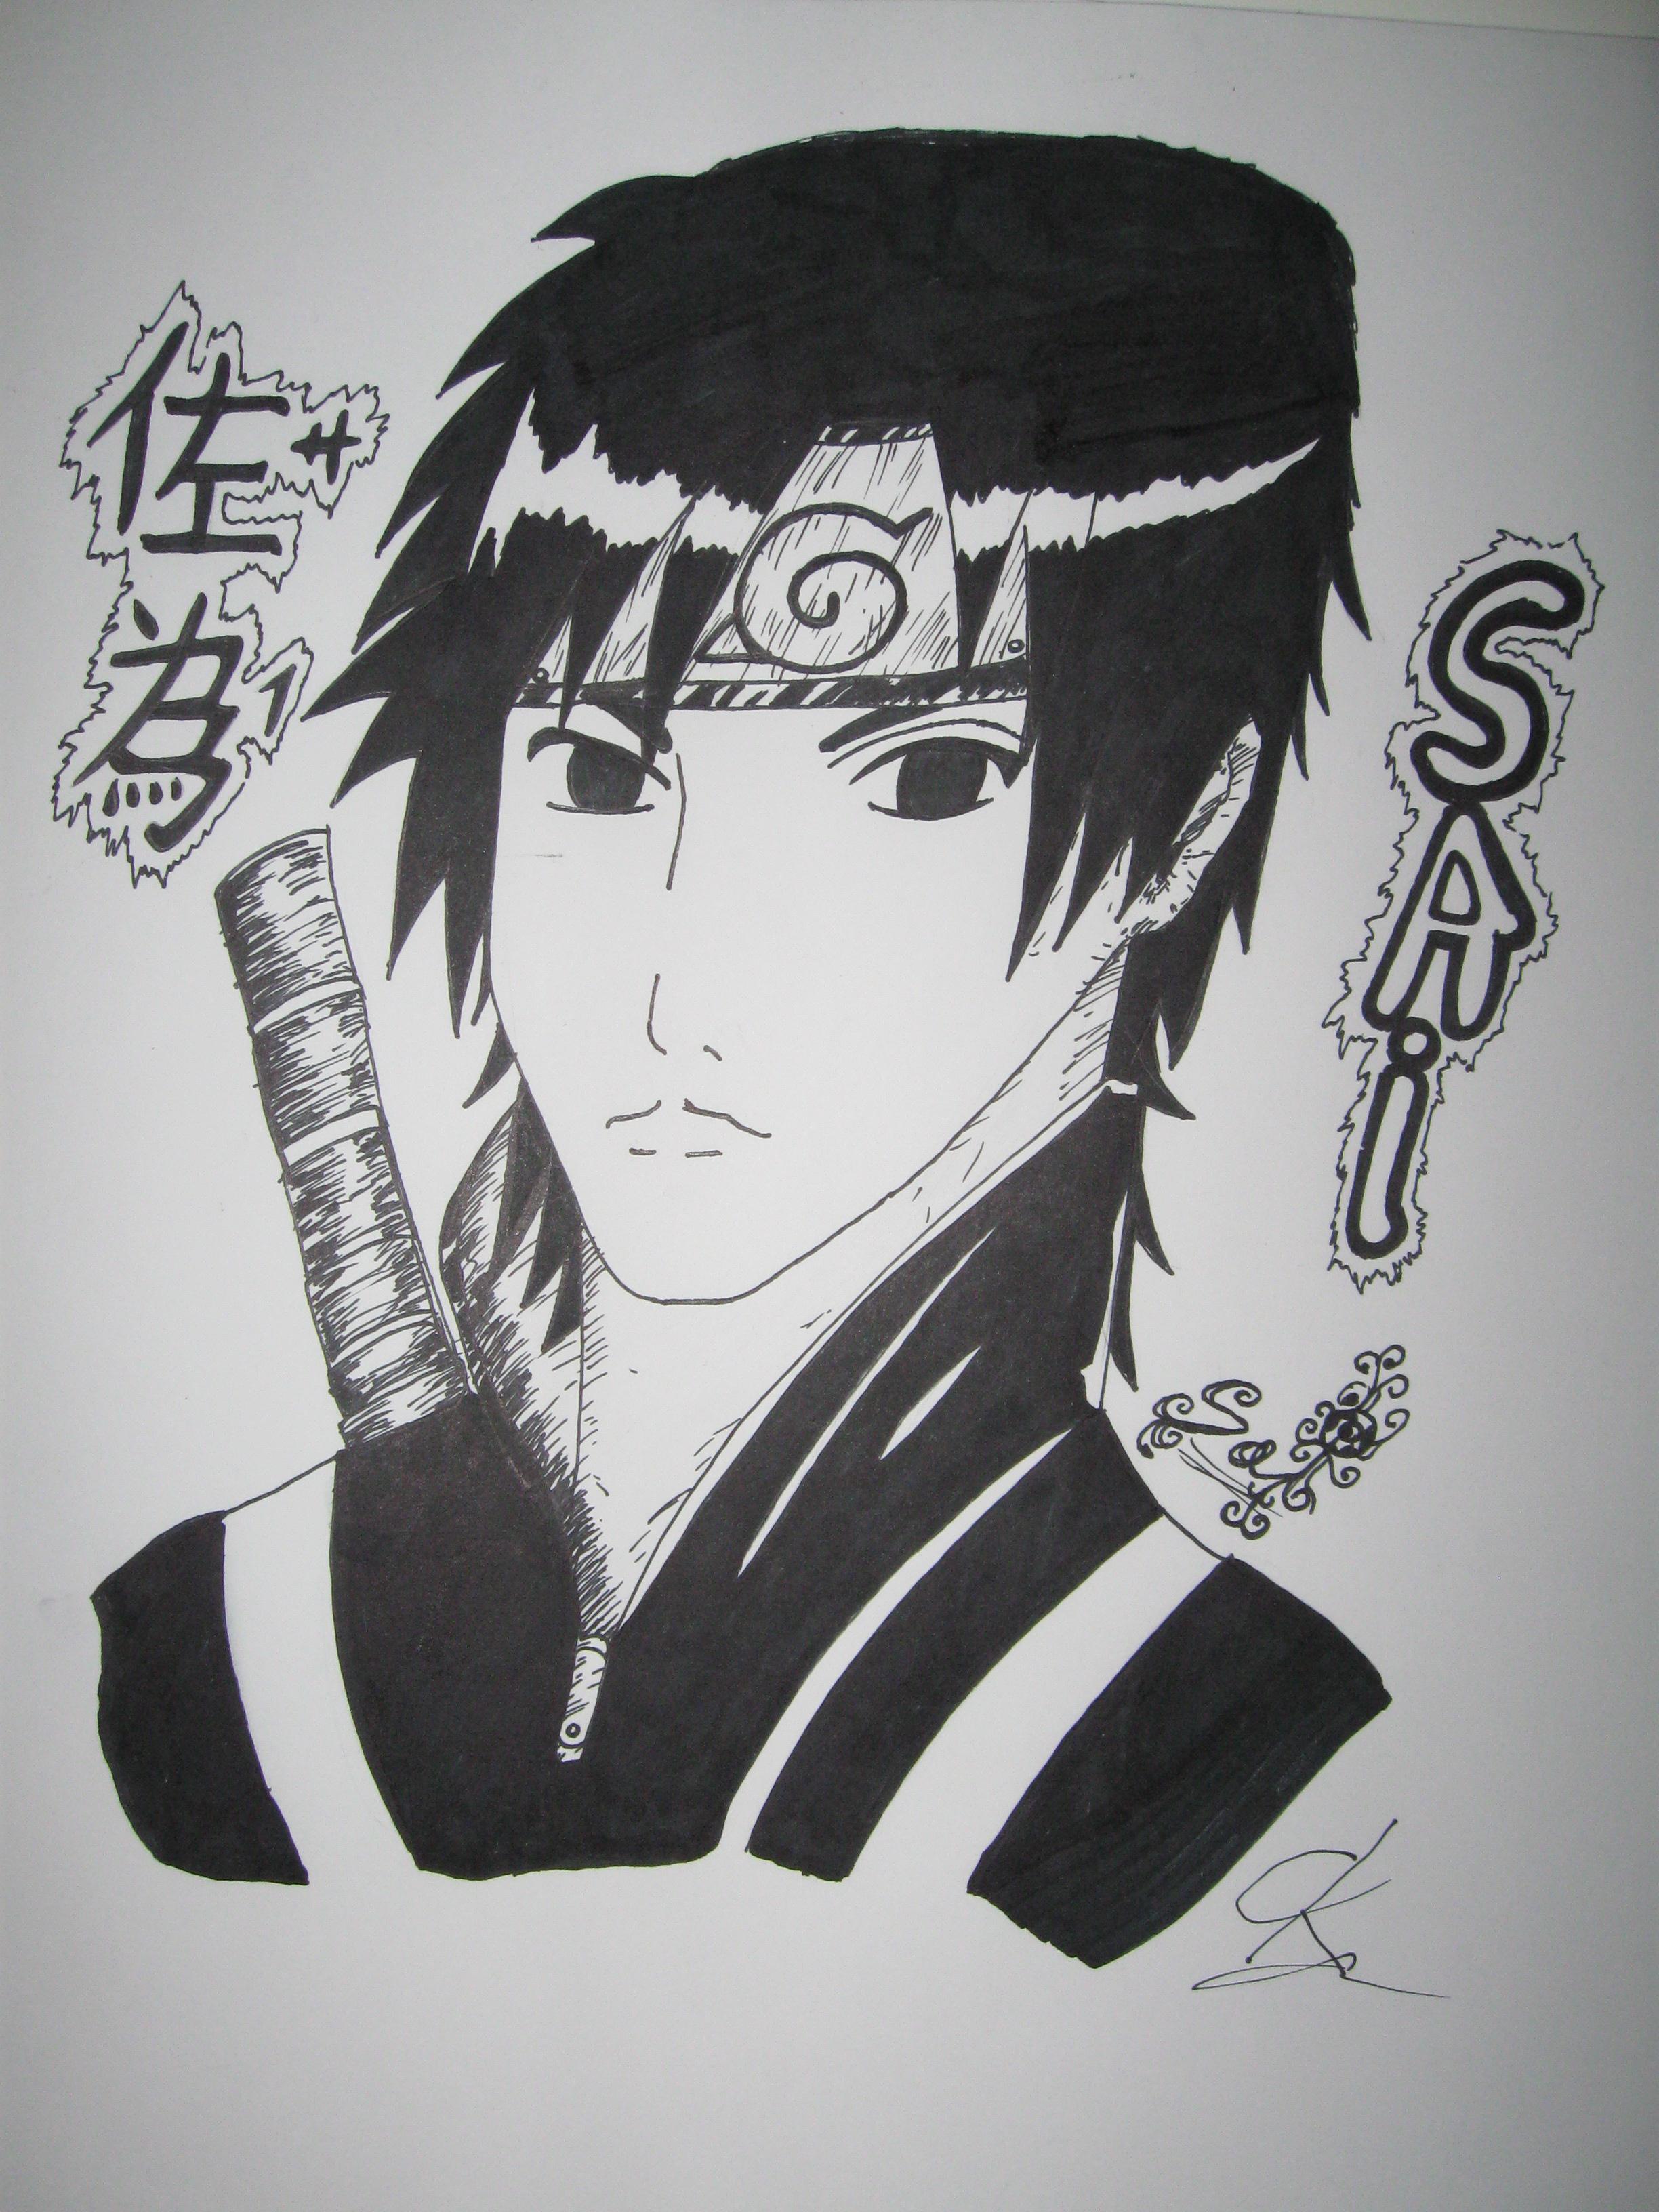 Drawn naruto sai Drawing From Sep TheKoRnatoR Sai